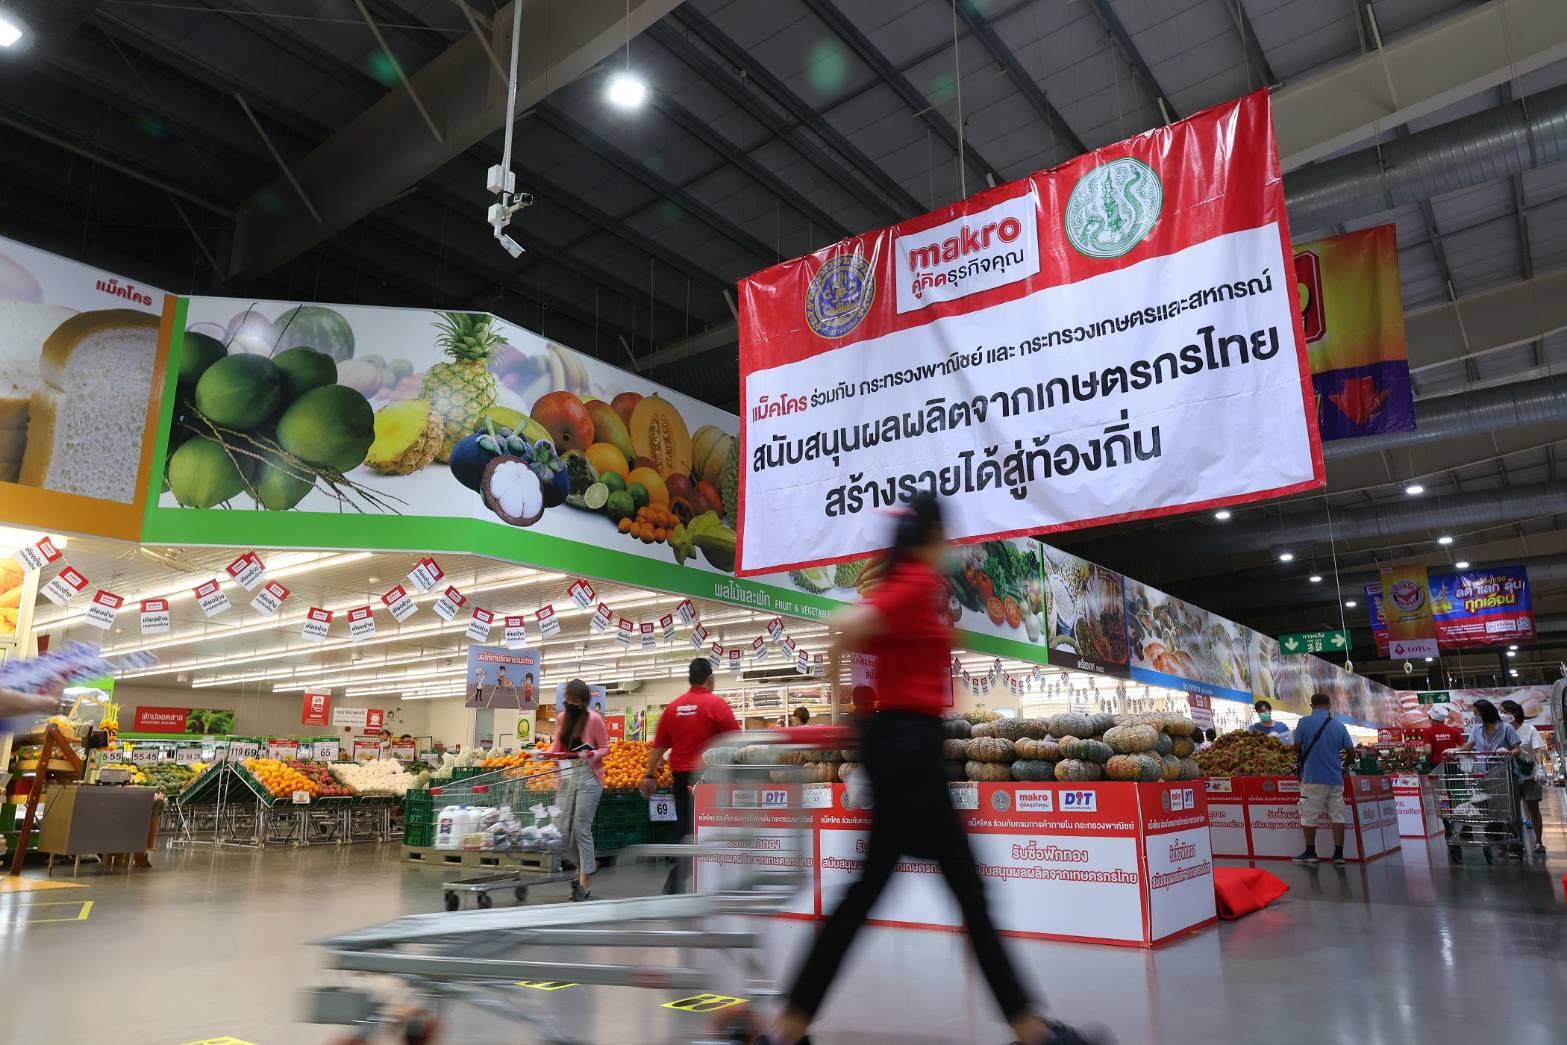 แม็คโคร รับซื้อตรงมังคุดใต้กว่า 300 ตัน ช่วยชาวสวนฝ่าวิกฤตโควิด เร่งกระจายทั่วประเทศ